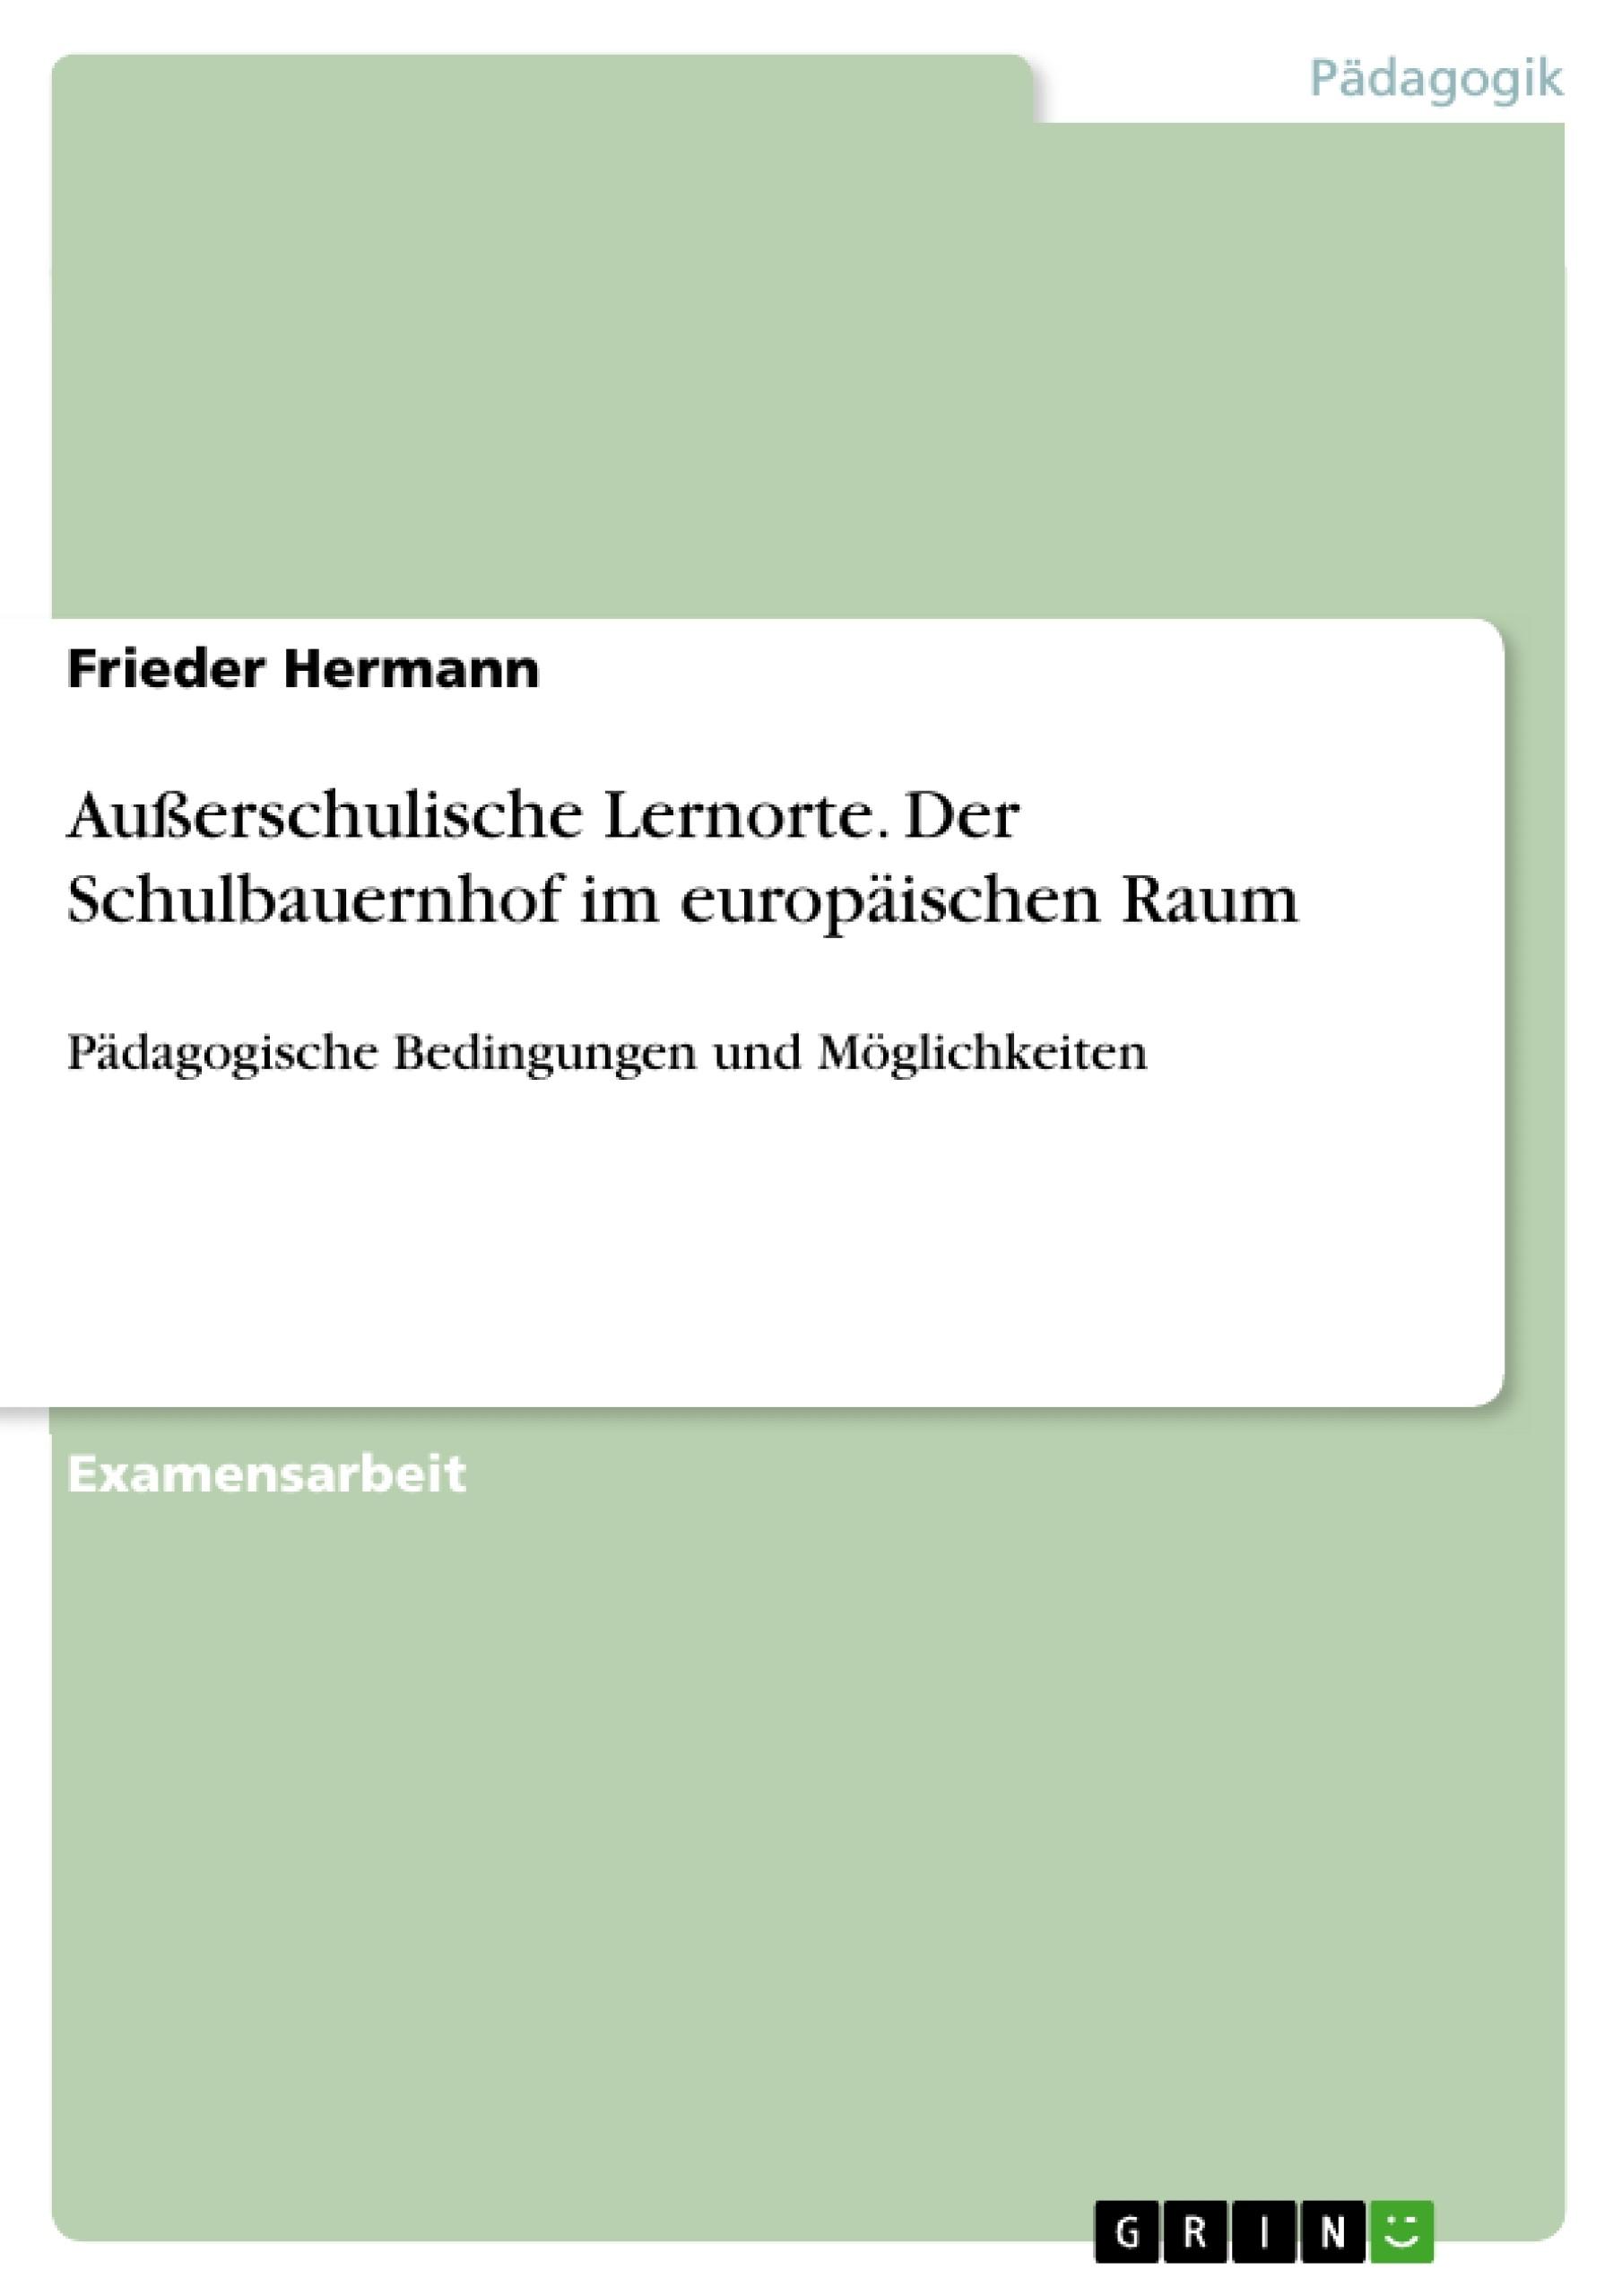 Titel: Außerschulische Lernorte. Der Schulbauernhof im europäischen Raum